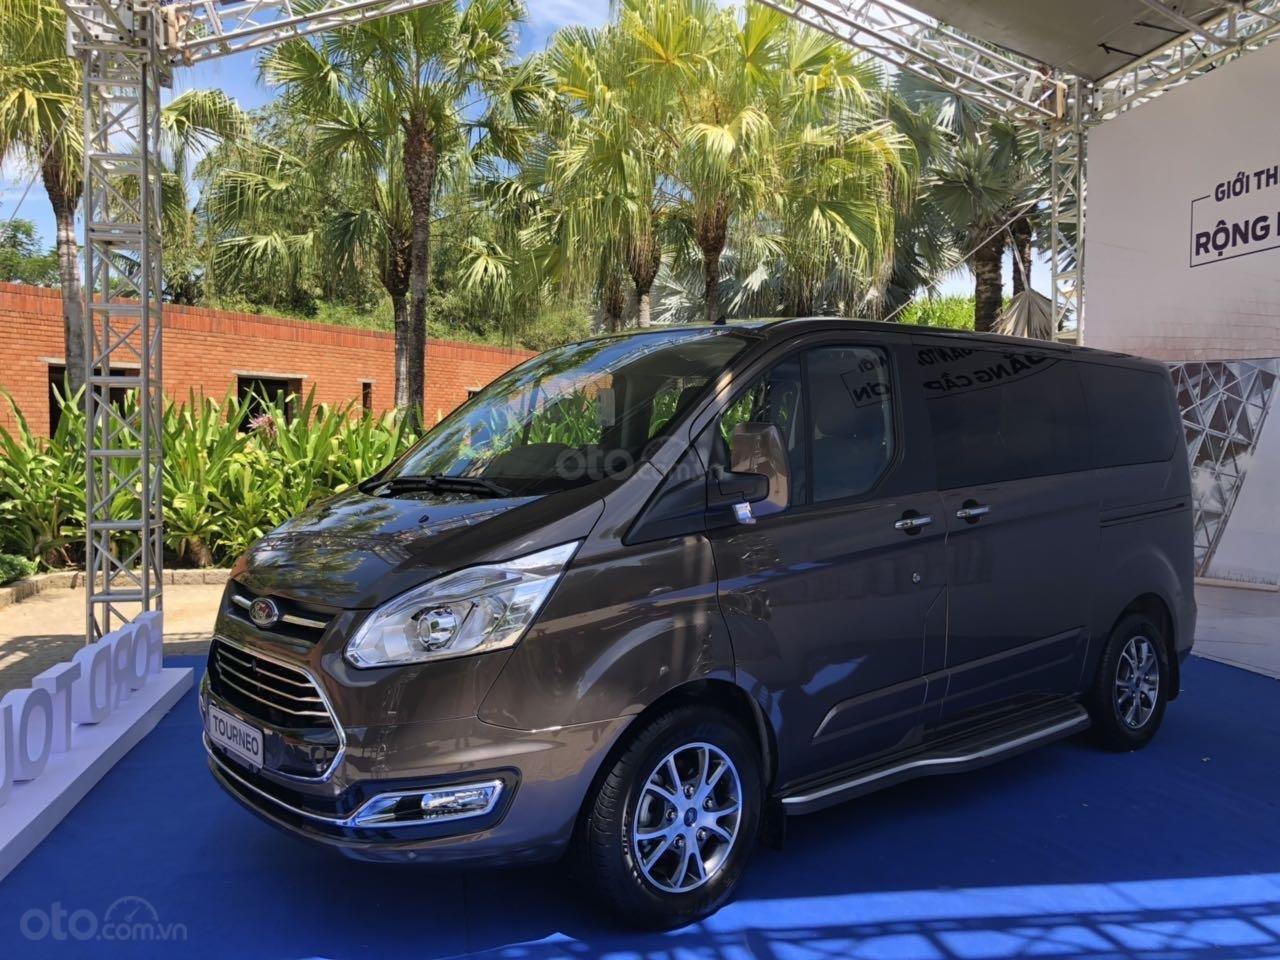 Ford Tourneo 2019 nhận đặt cọc tại đại lý thực tế cao hơn dự kiến tới 200 triệu đồng.